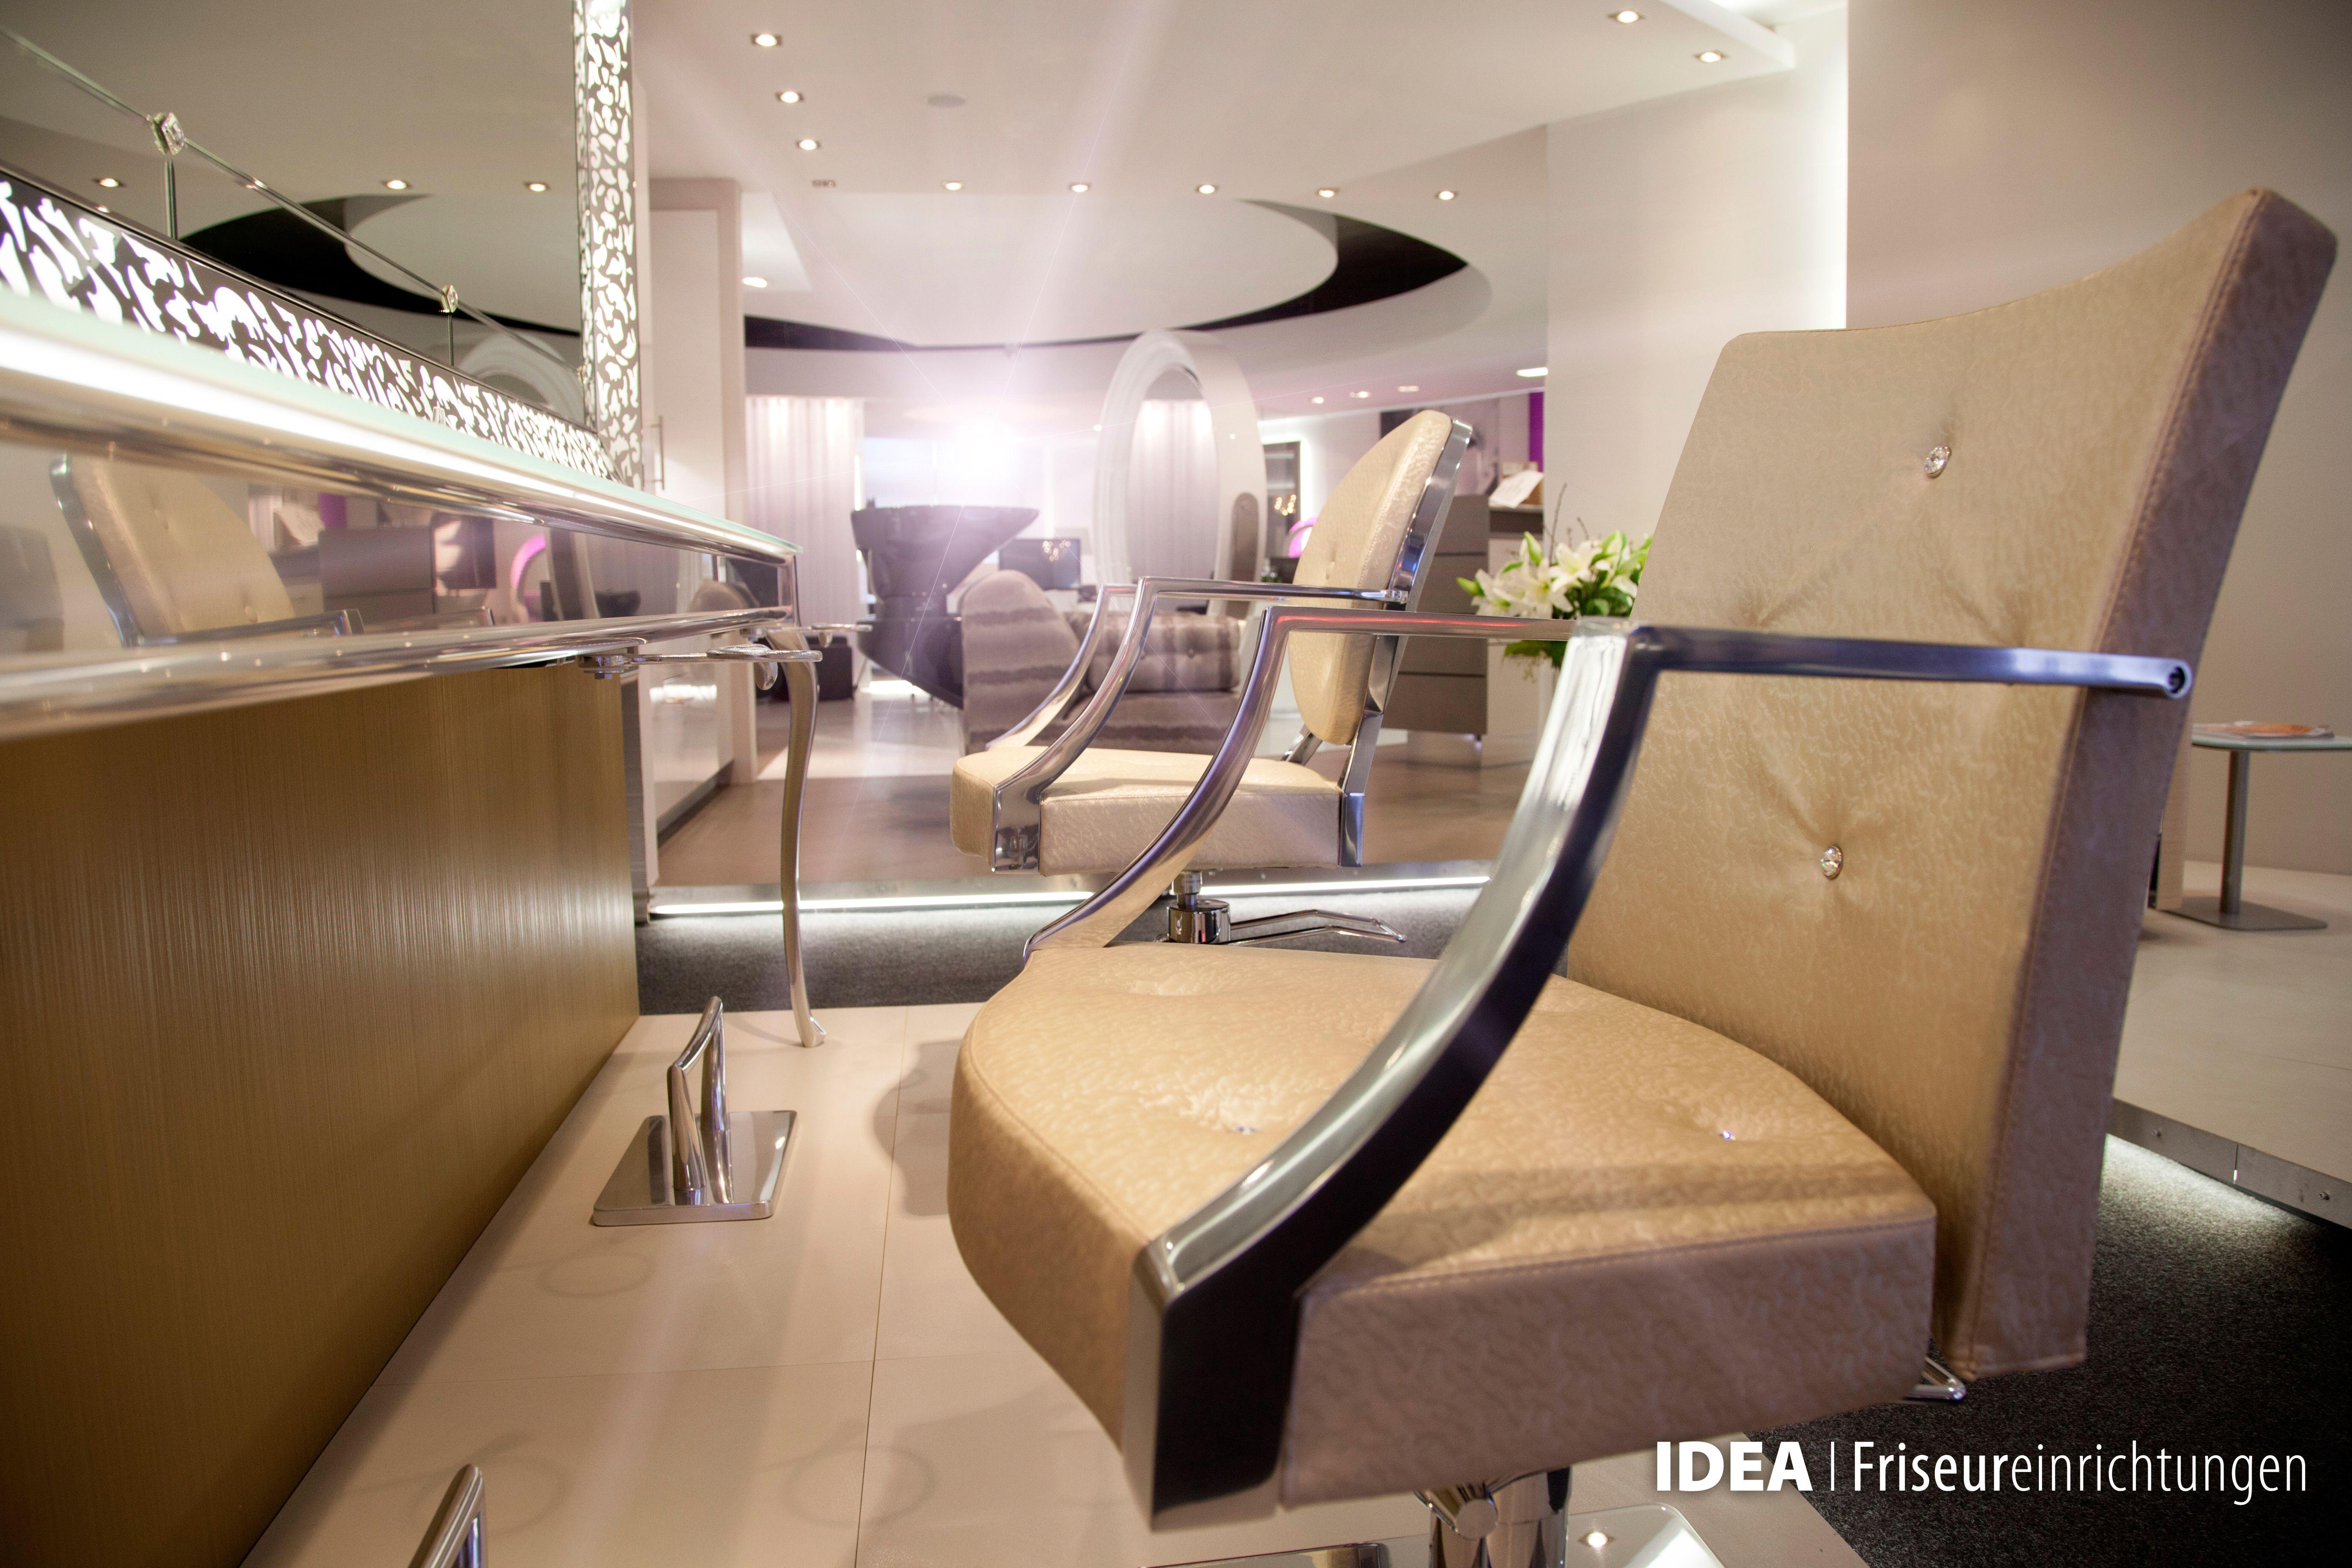 unser showroom bamlerstr 1d 45141 essen showroom salon furniture essenluxusstuhlsalonmbelausstellungsraumlounges - Luxus Hausrenovierung Perfektes Wohnzimmer Stuhle Design